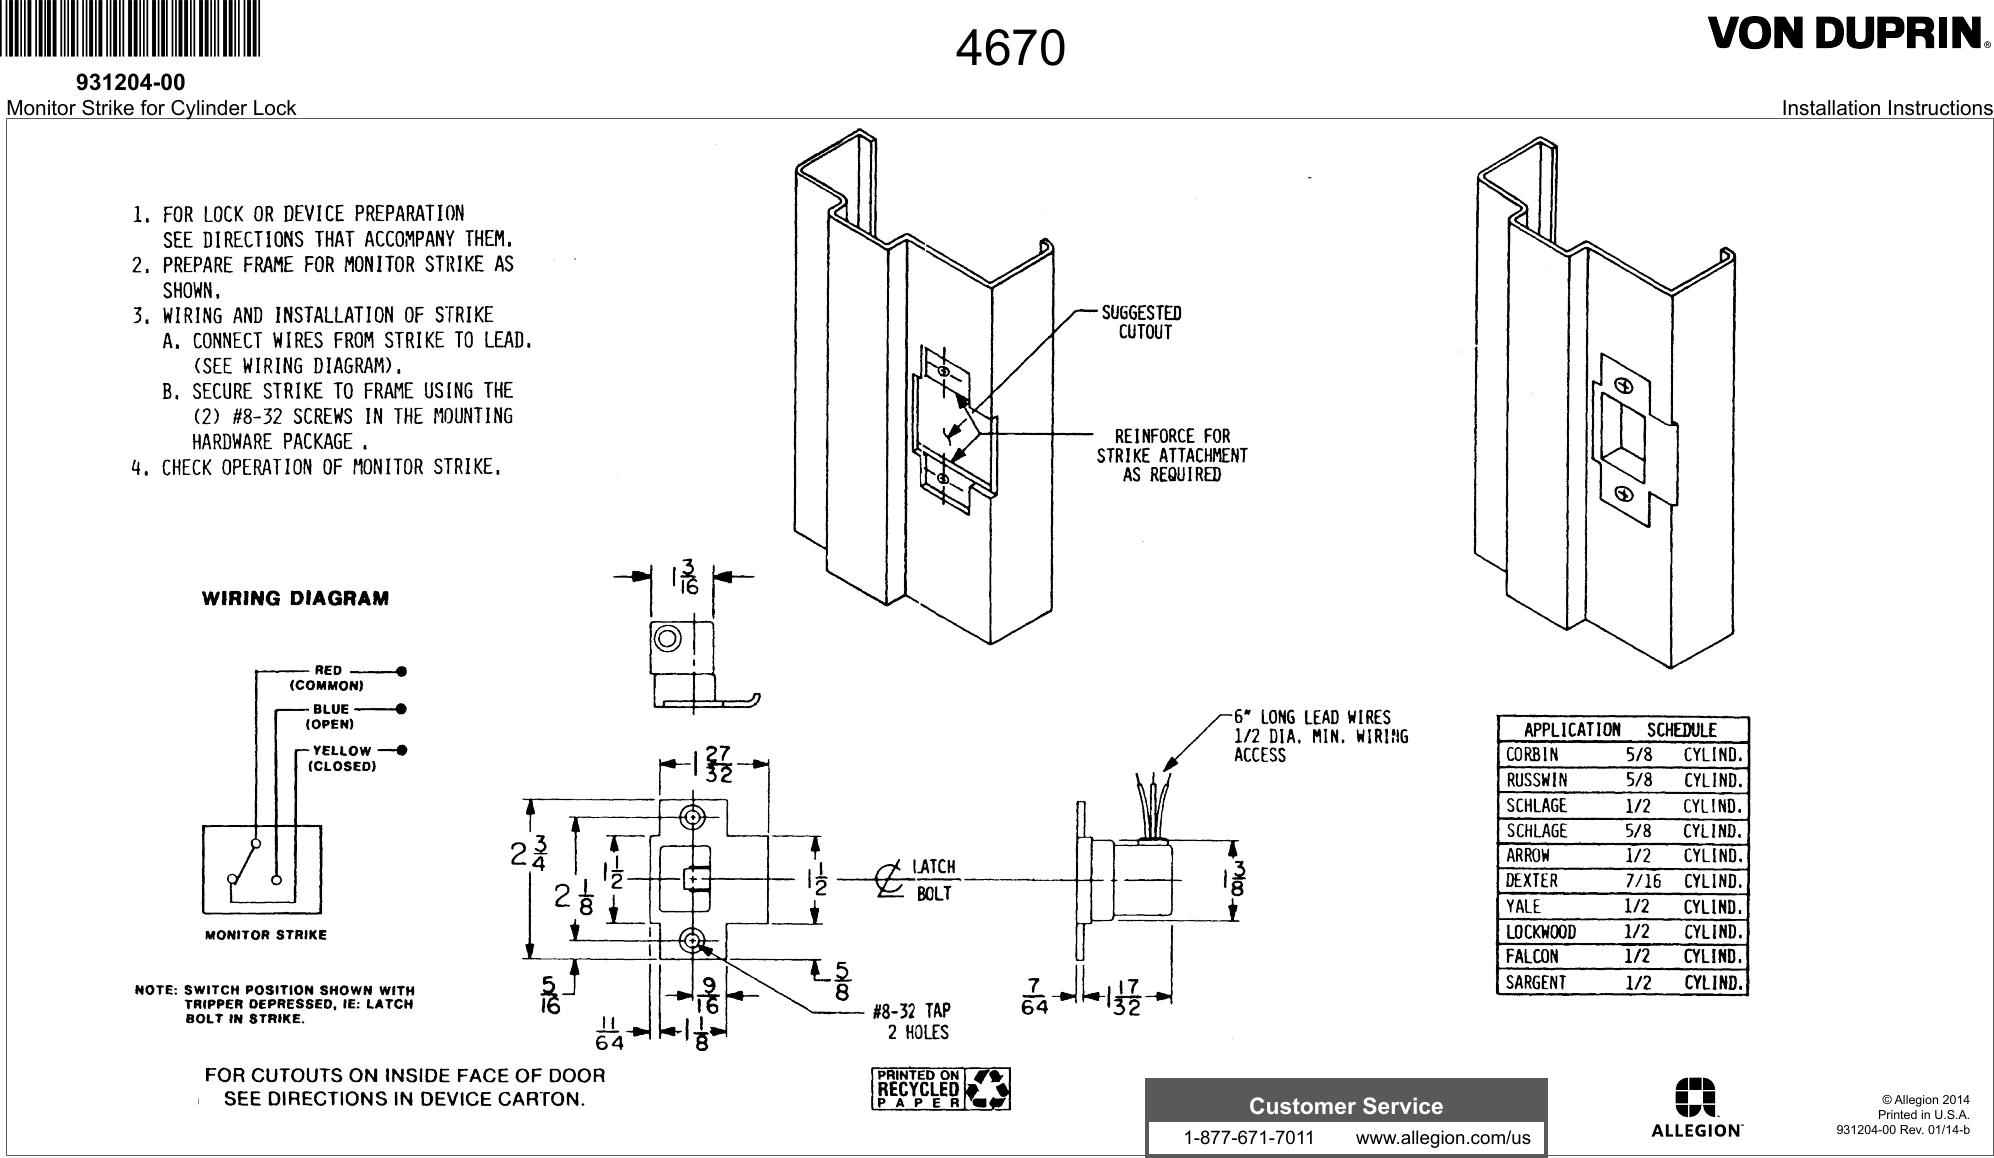 von duprin ps873 wiring diagram wiring library Von Duprin PS914 900 2RS von duprin wiring diagram find wiring diagram \\u2022 von duprin ps902 wiring diagram